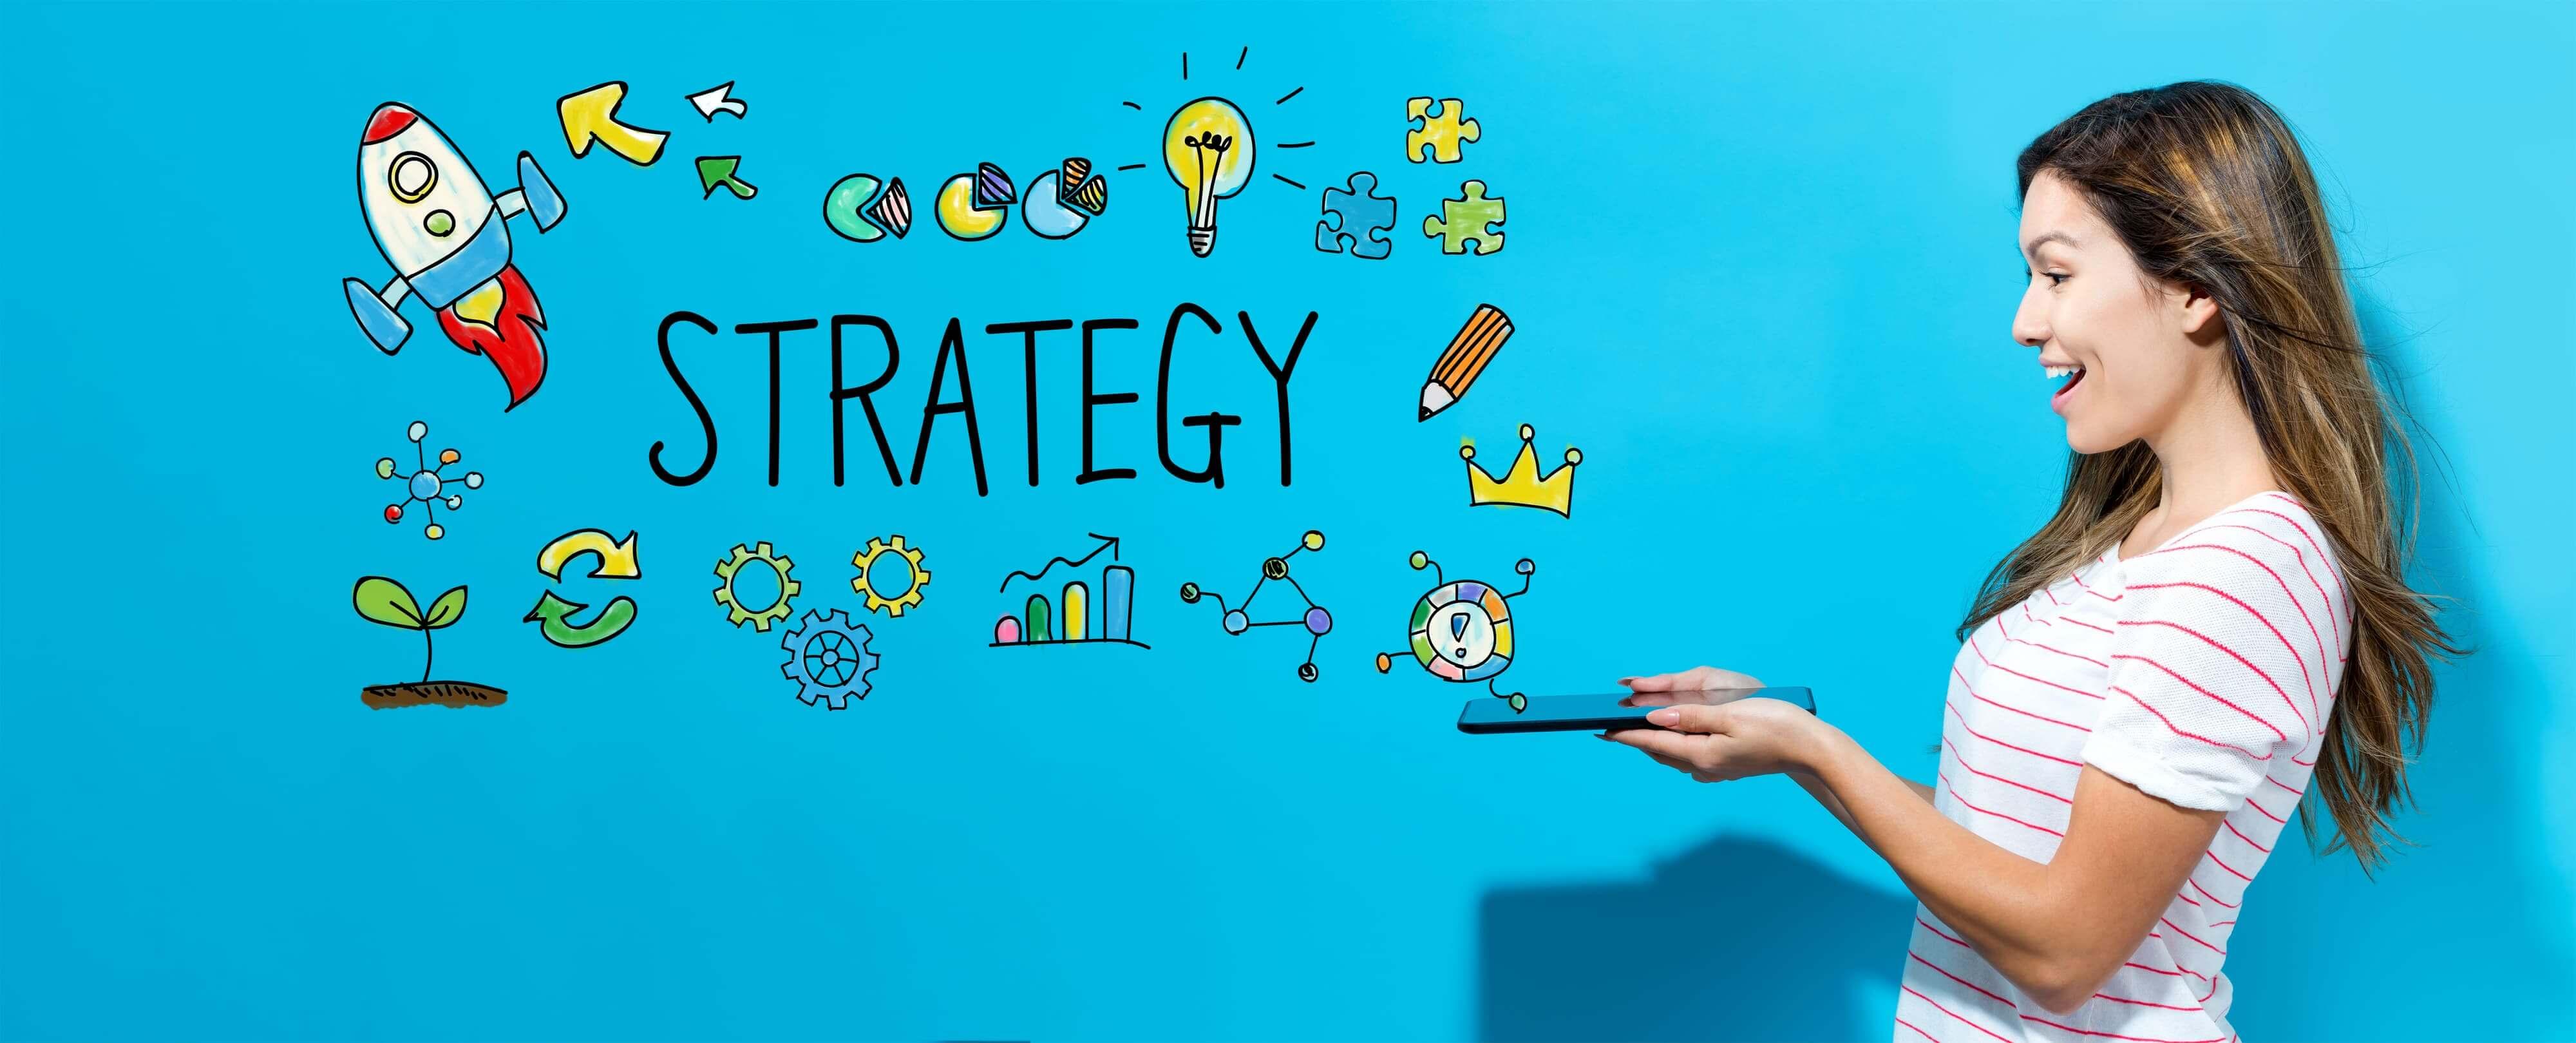 戦略を考えるシーン